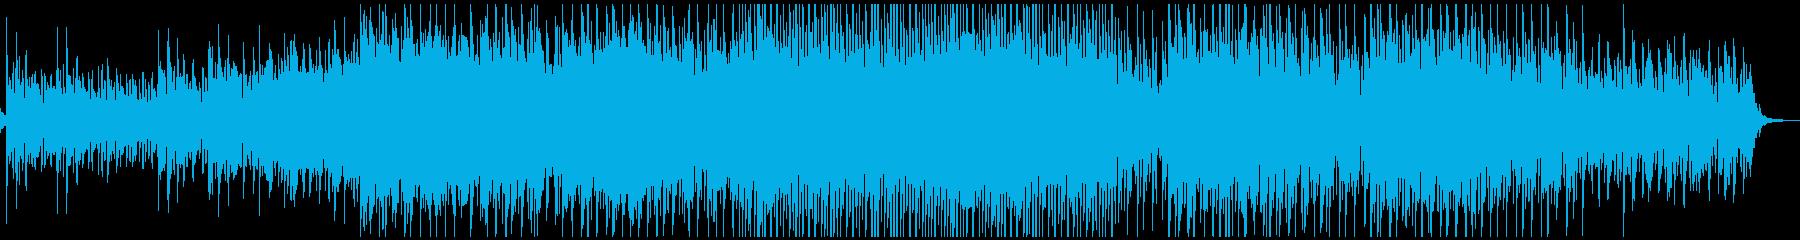 ポップロック 前衛交響曲 企業イメ...の再生済みの波形